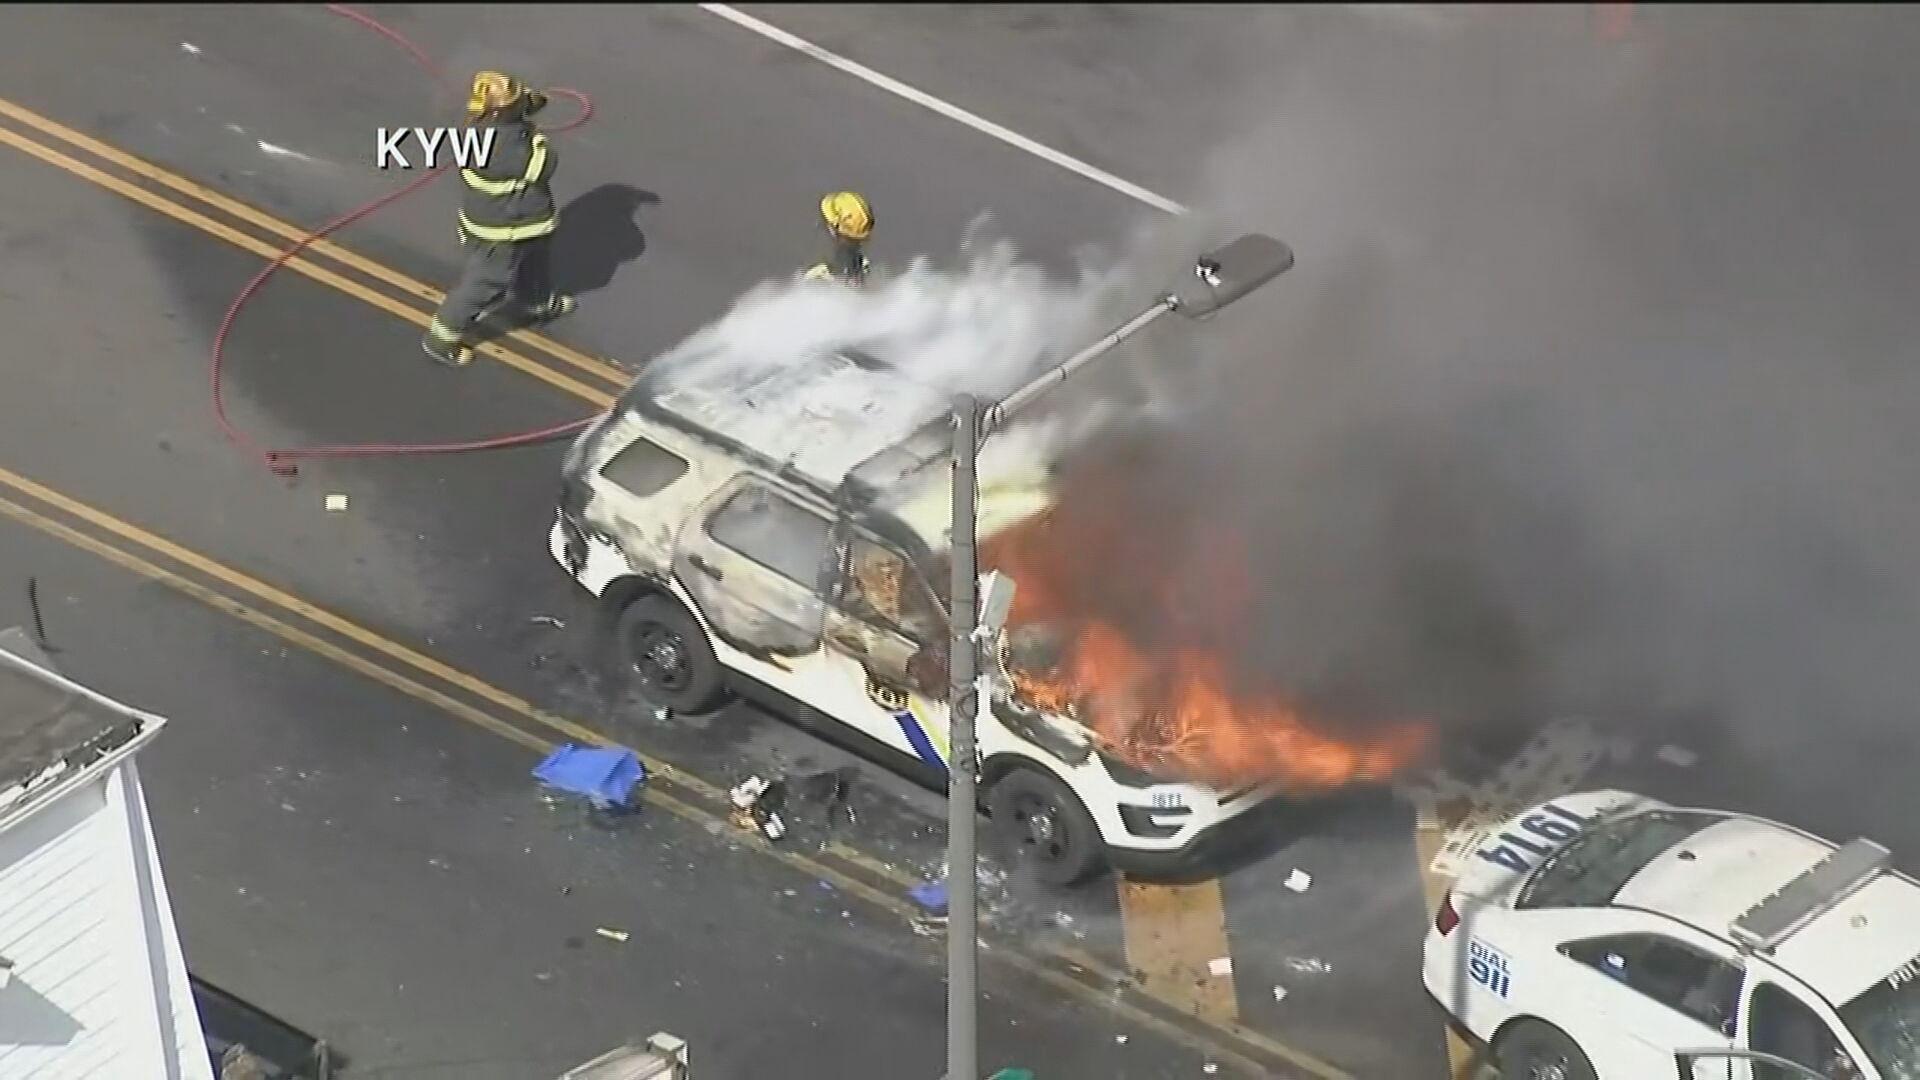 Manifestantes ateiam fogo em carro da polícia nos EUA (31.mai.2020)